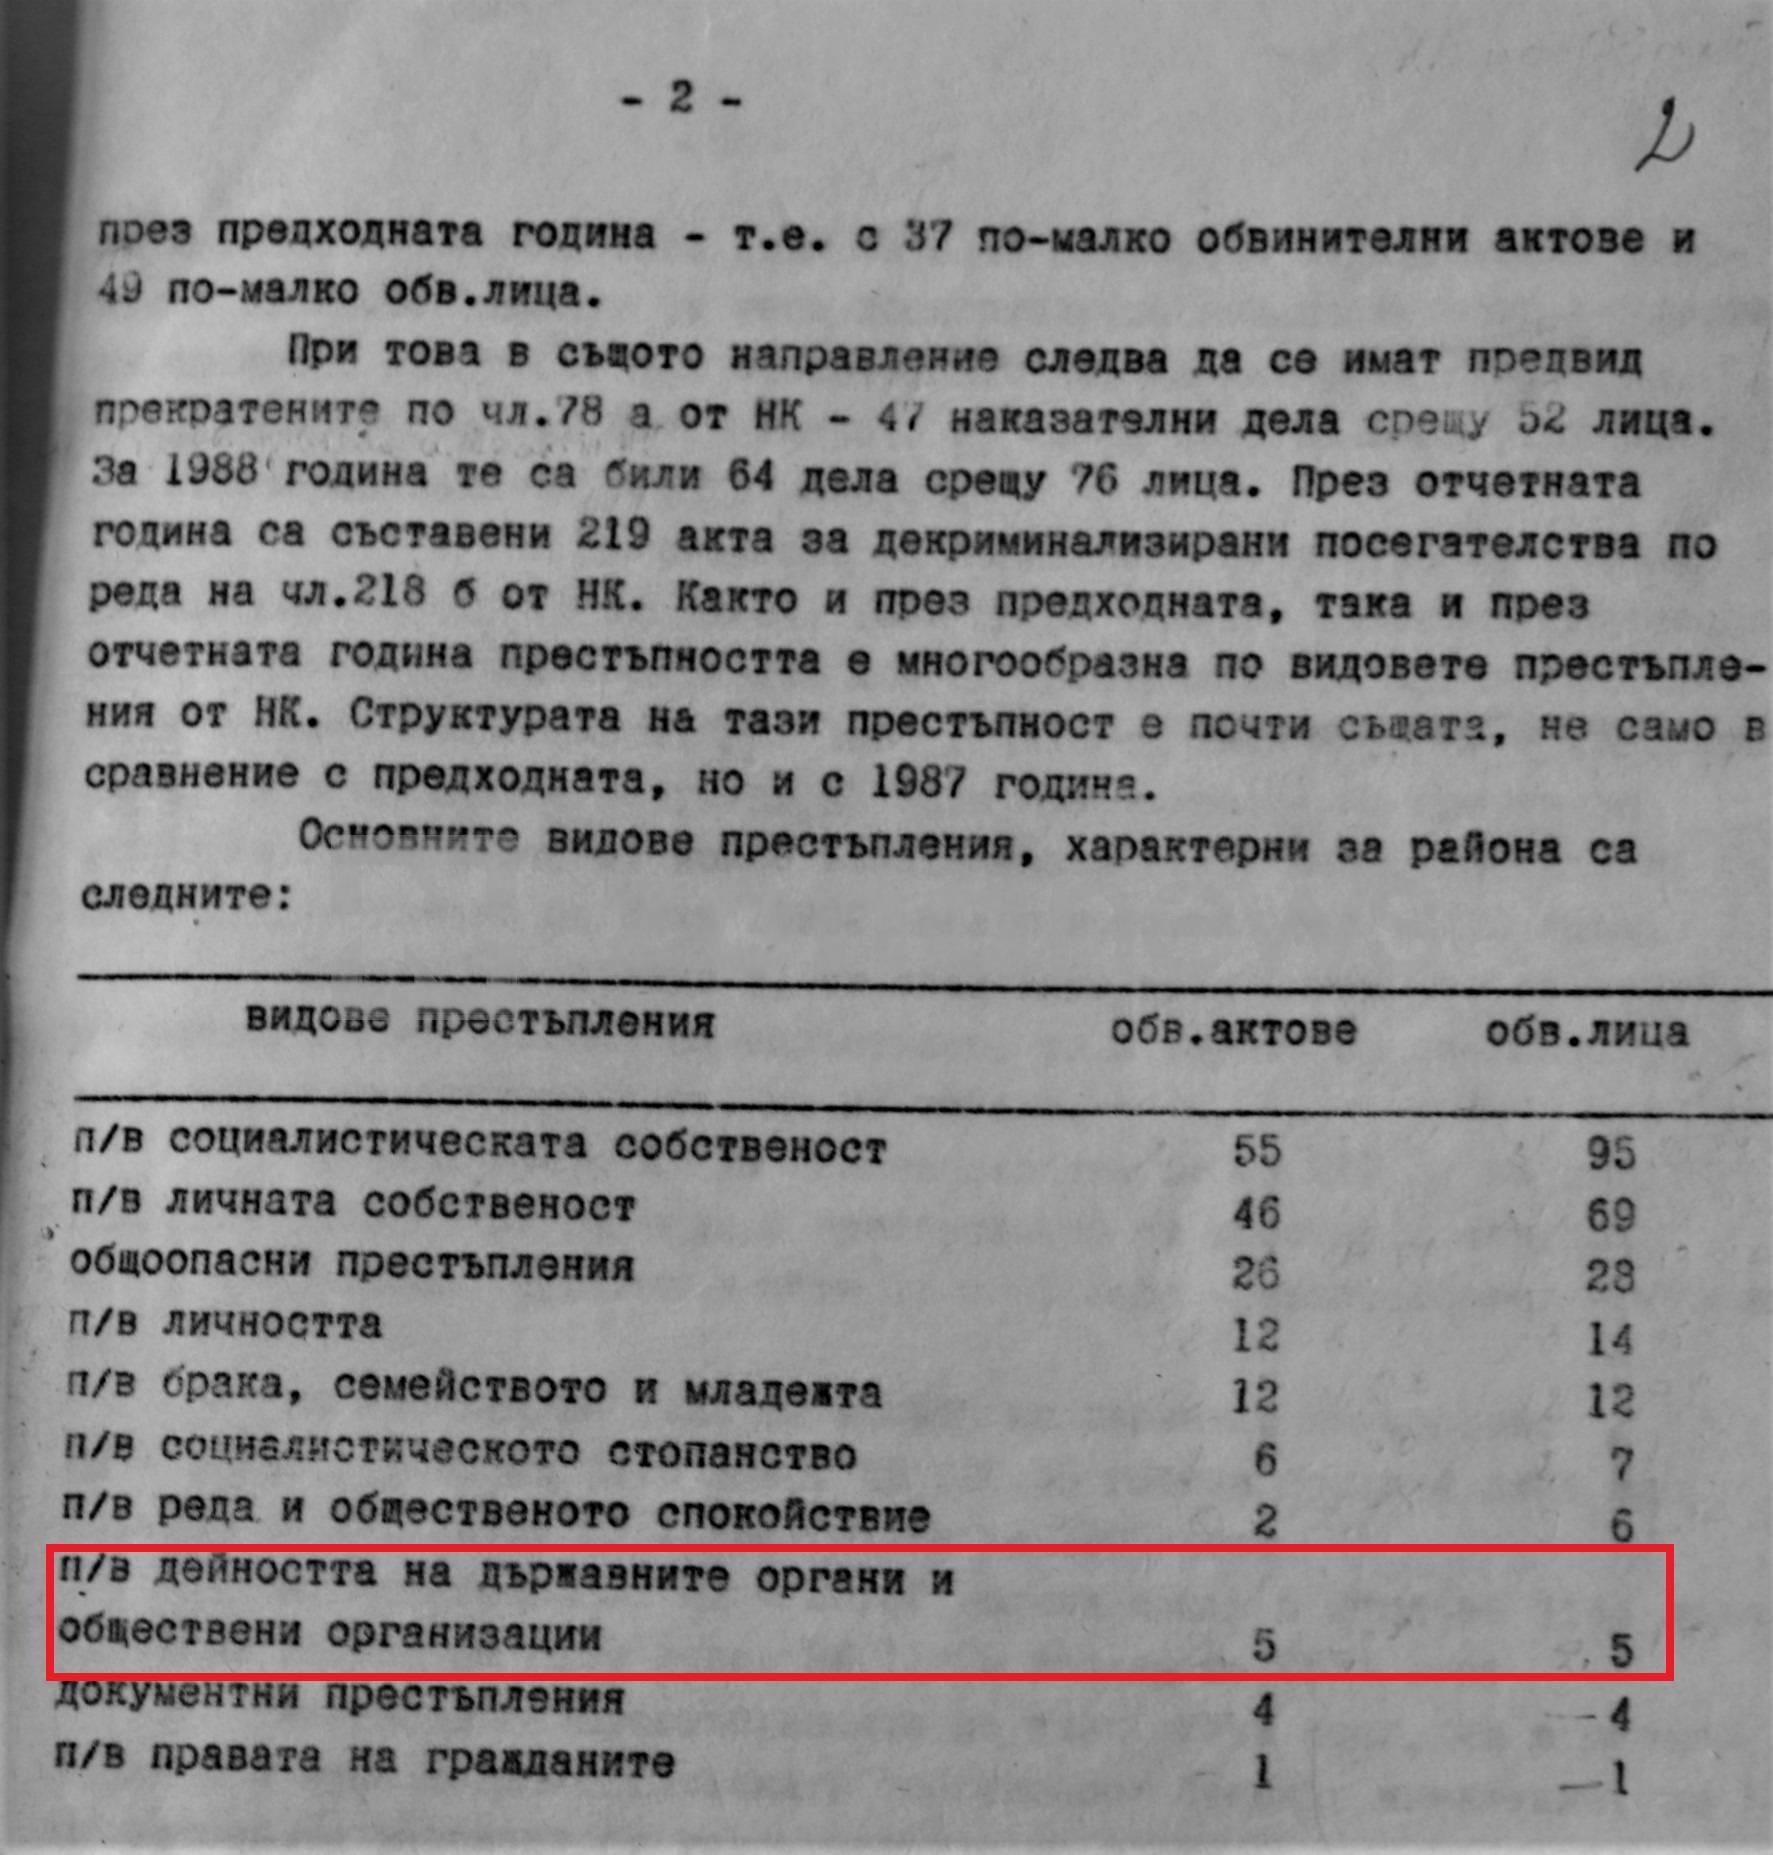 Разградската районна прокуратура е изготвила през първата половина на 1989 г. 5 обвинителни акта за престъпления срещу държавните органи